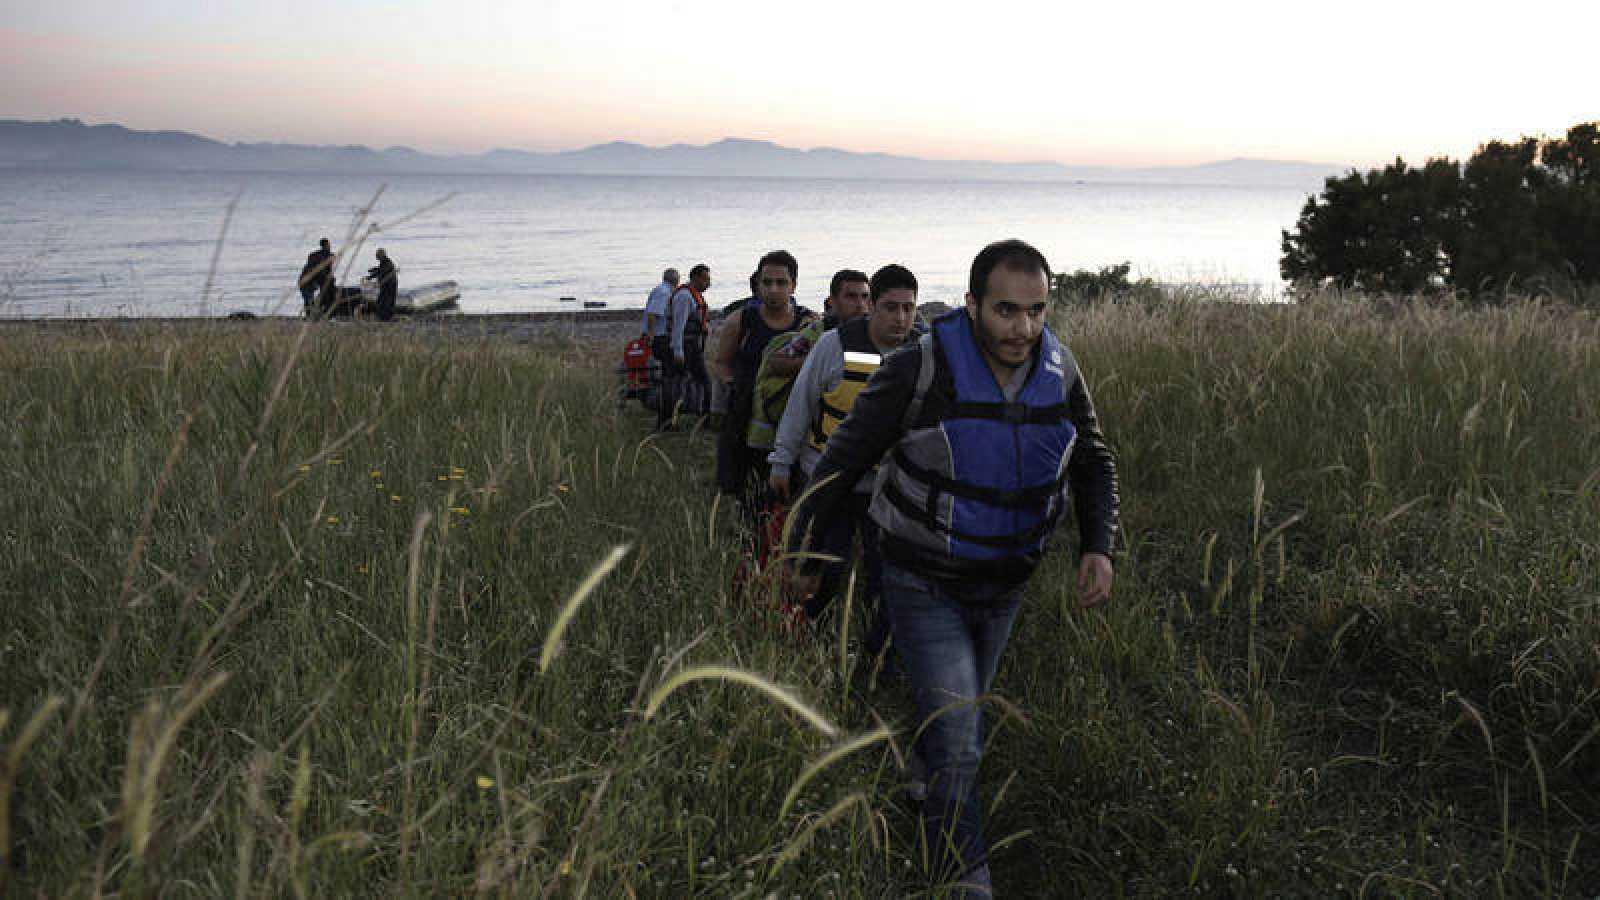 Turquía suspende el acuerdo de readmisión de migrantes con la Unión Europea